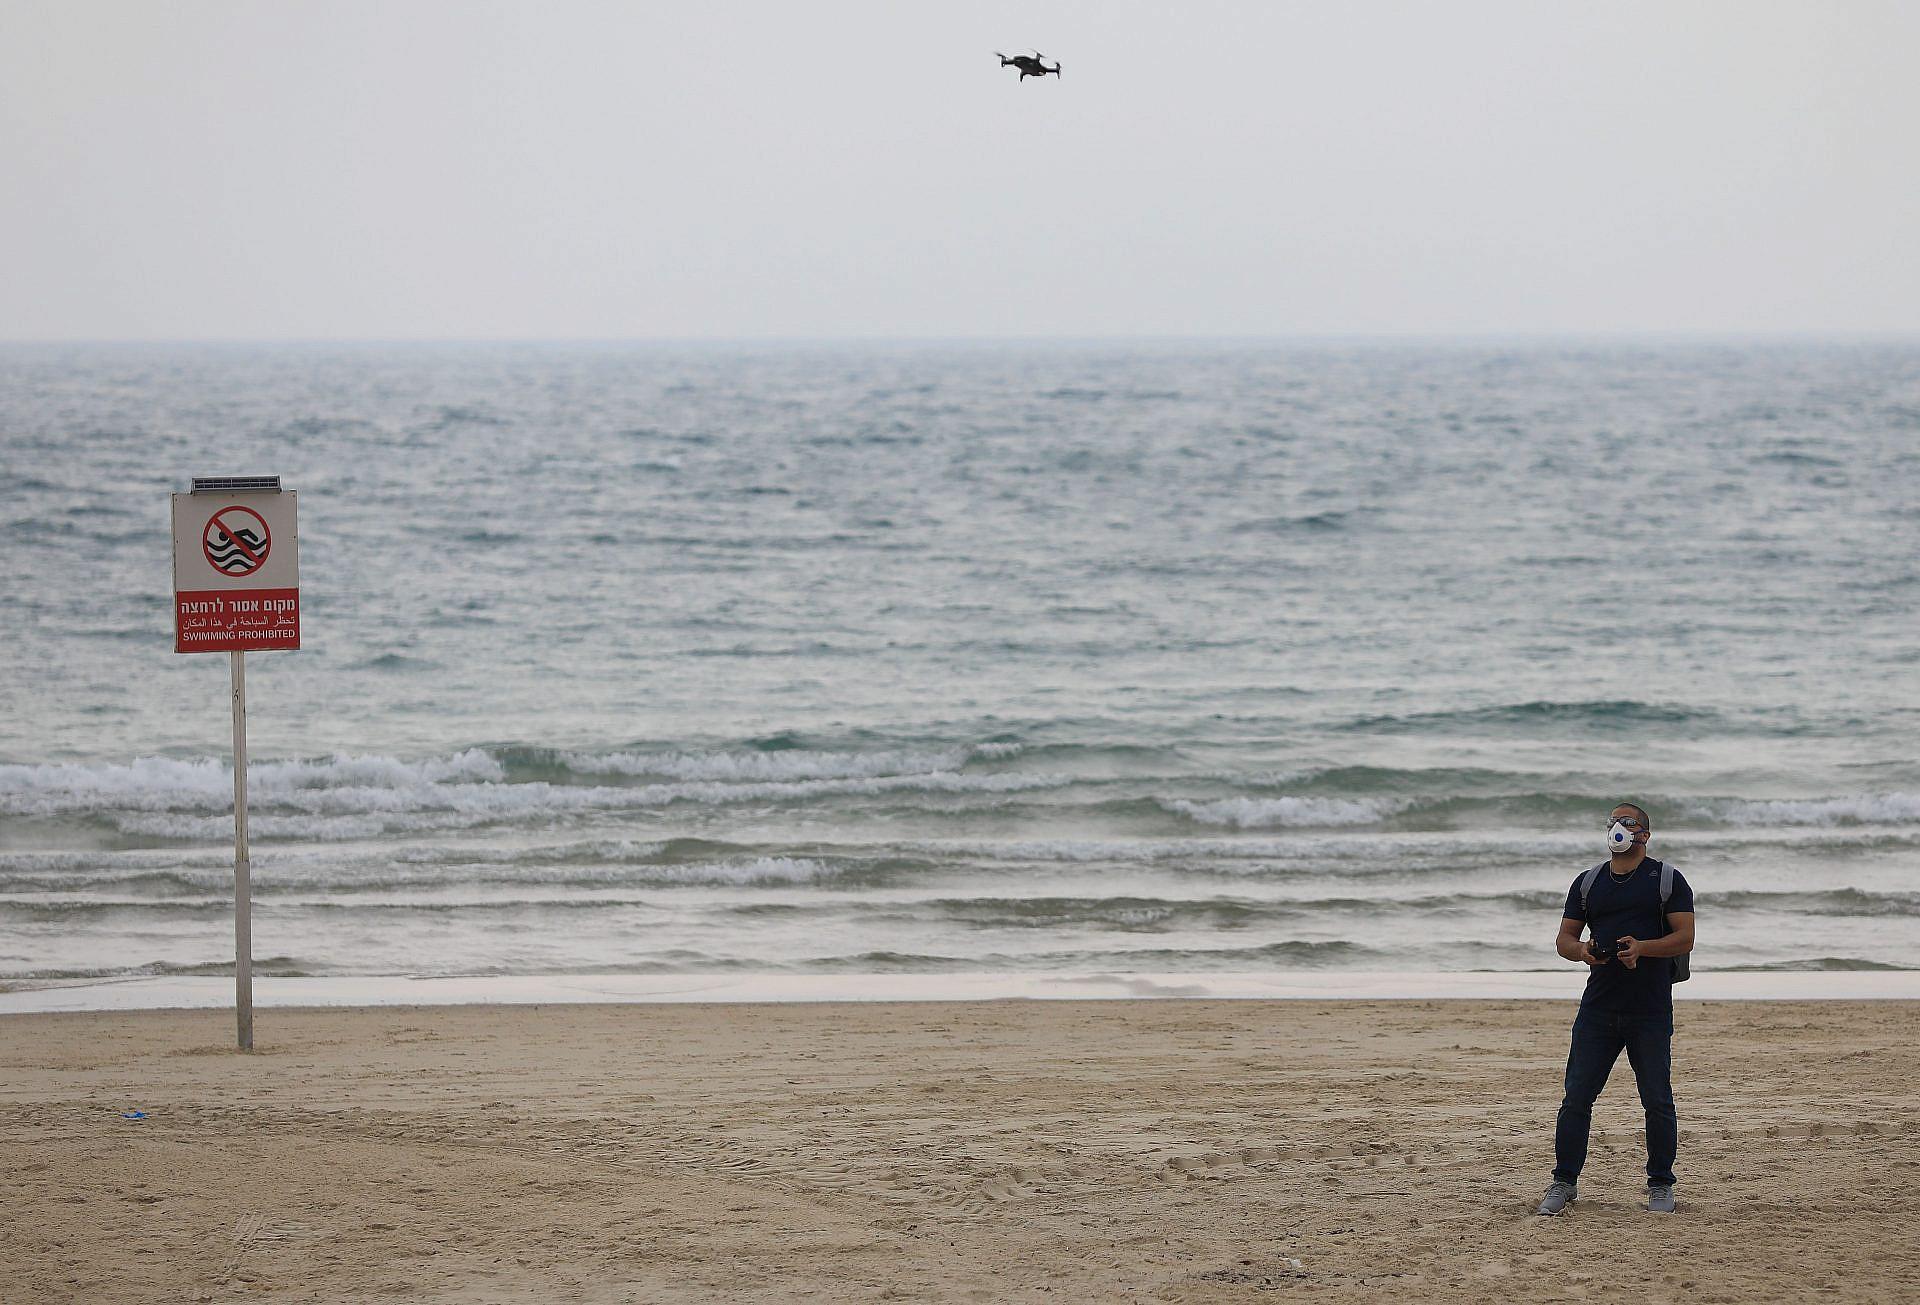 """השתתפו גם אתם במשחק האהוב: יס""""מניק על החוף או אזרח מסוכן? (צילום: גטי אימג'ס)"""